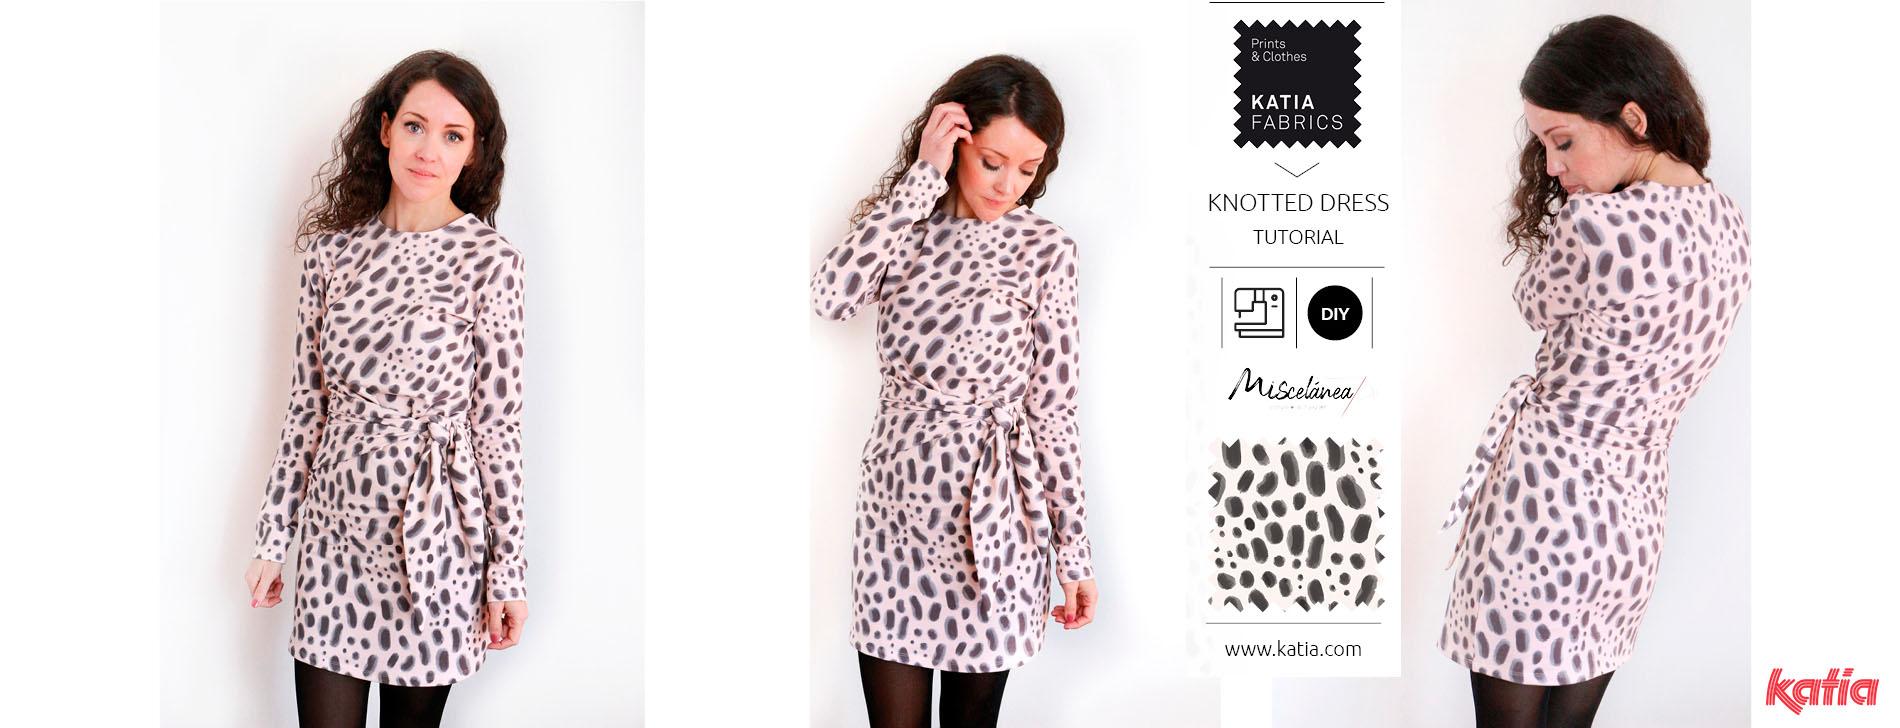 Geknoopte jurk met Katia Fabrics - gratis naaipatroon en video tutorial